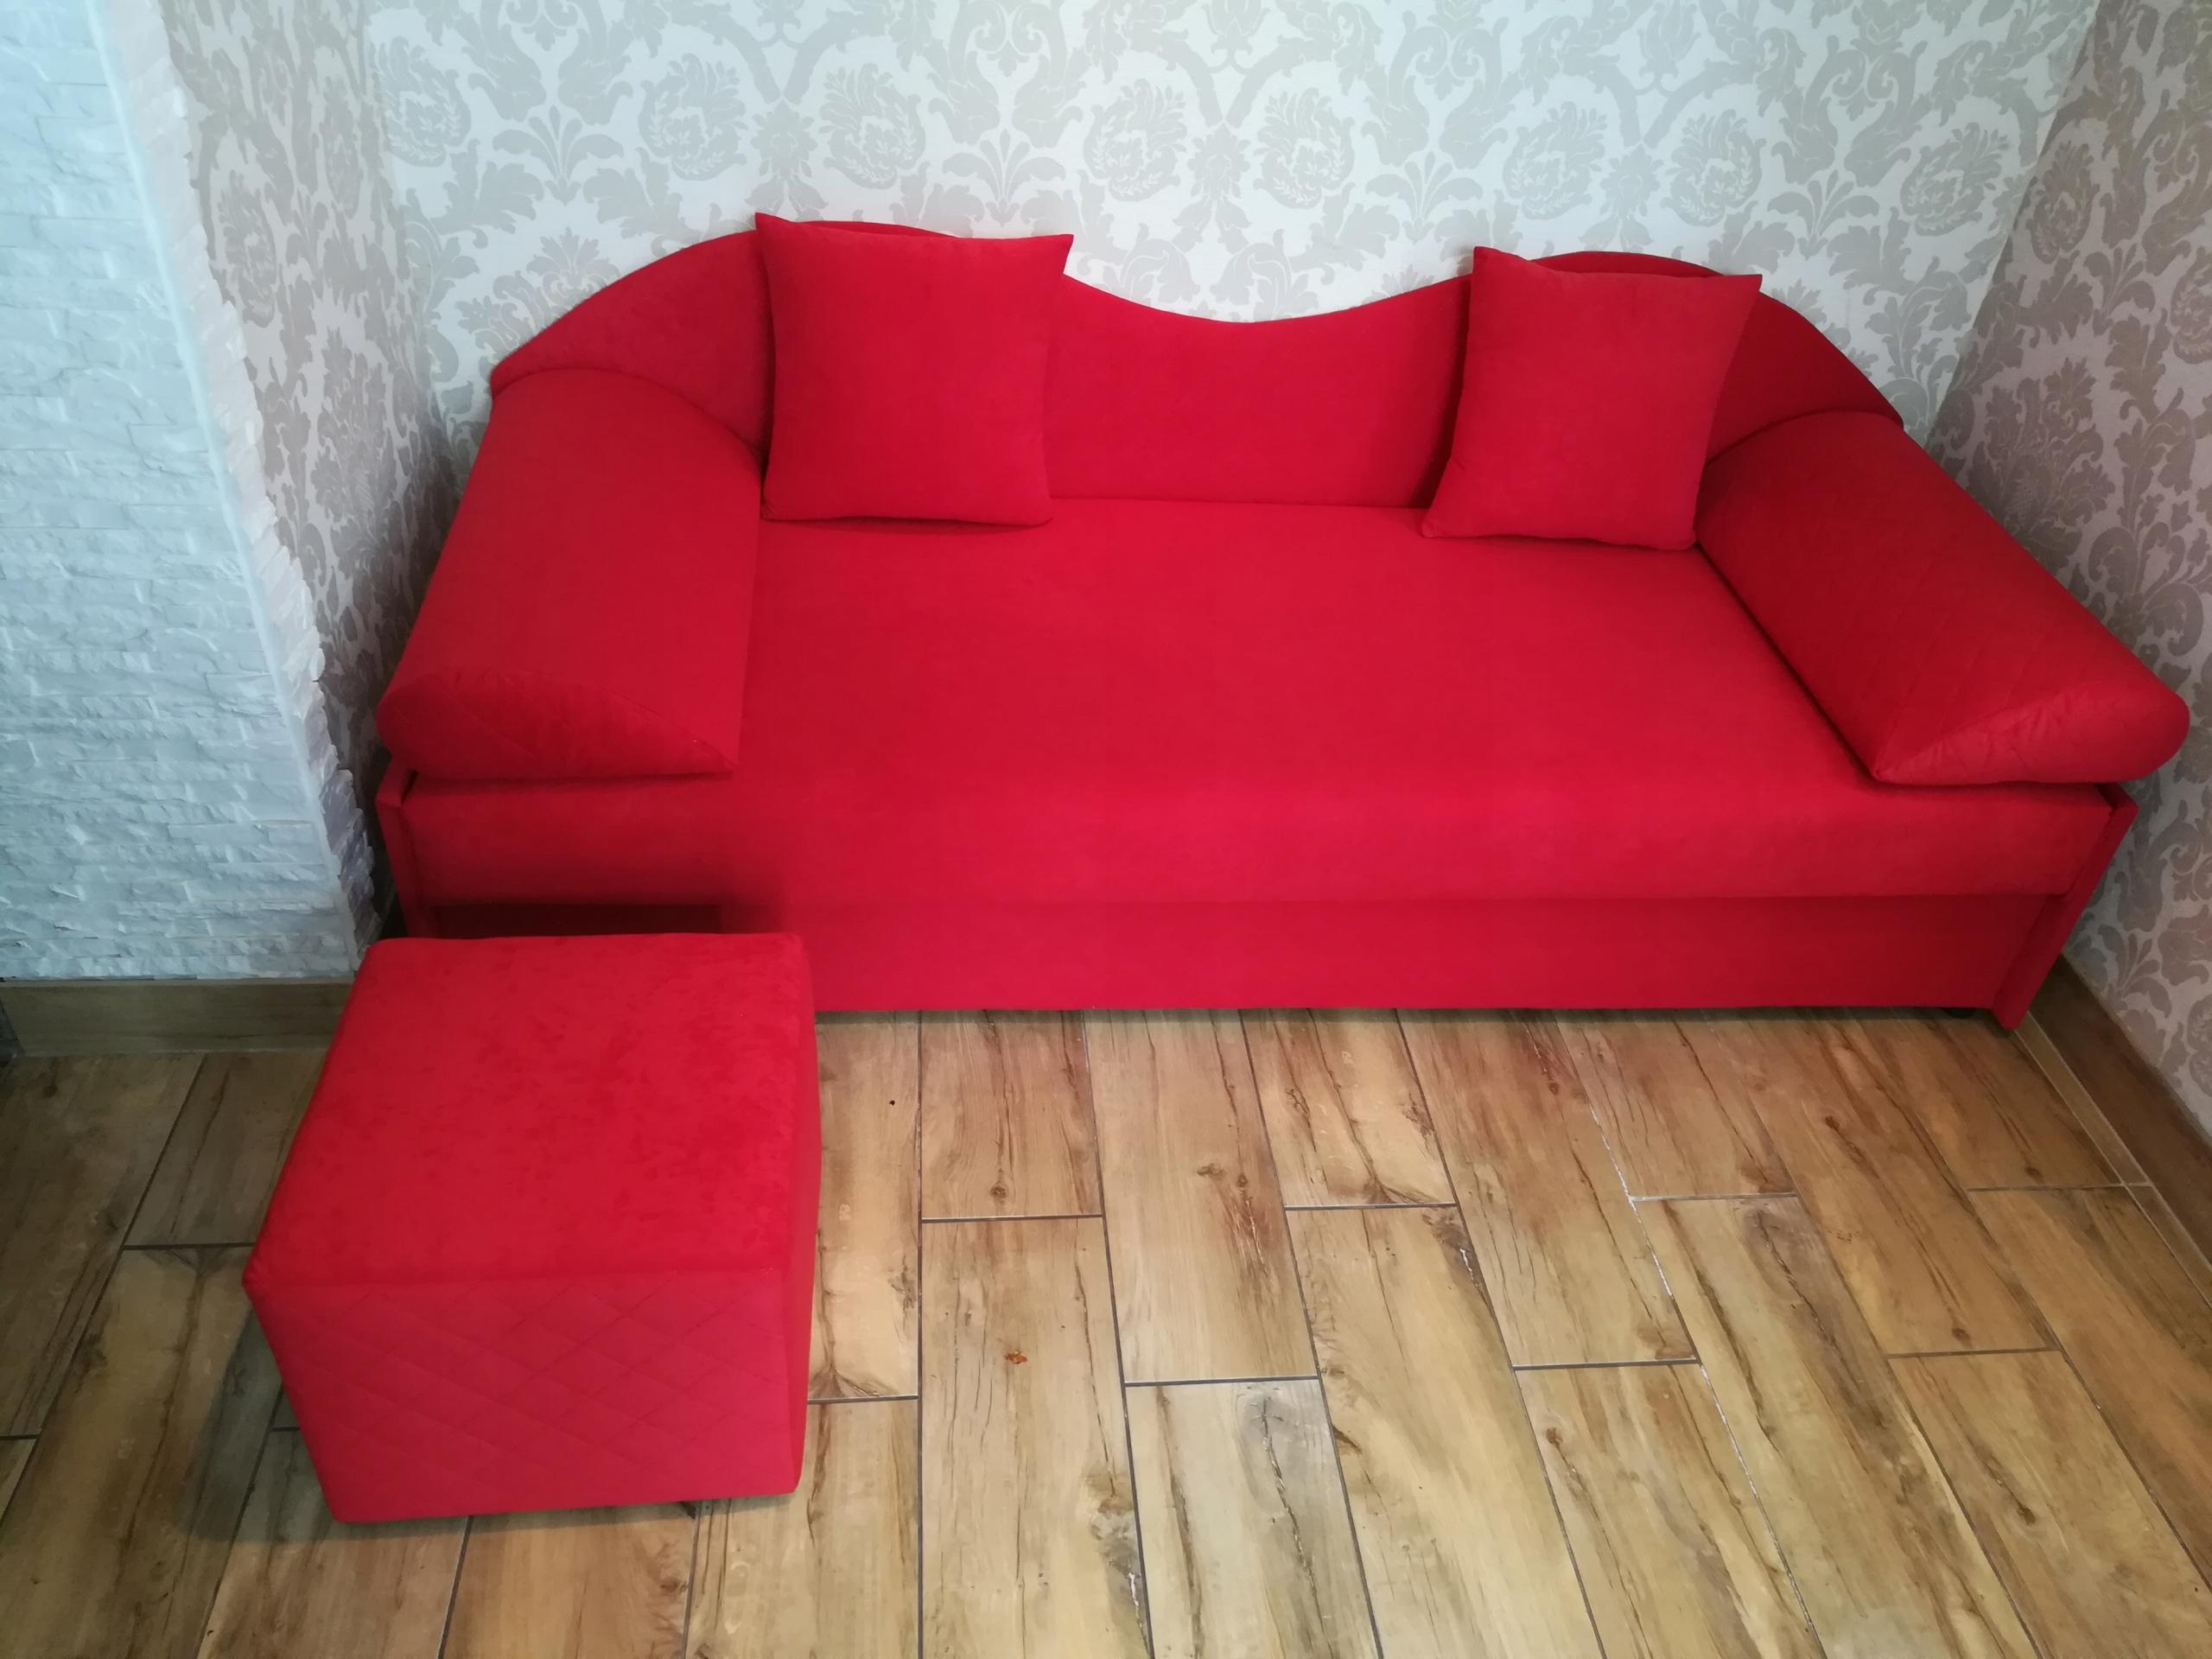 Sofa Z Pojemnikiem Krzyś łóżko Kanapa 7993637241